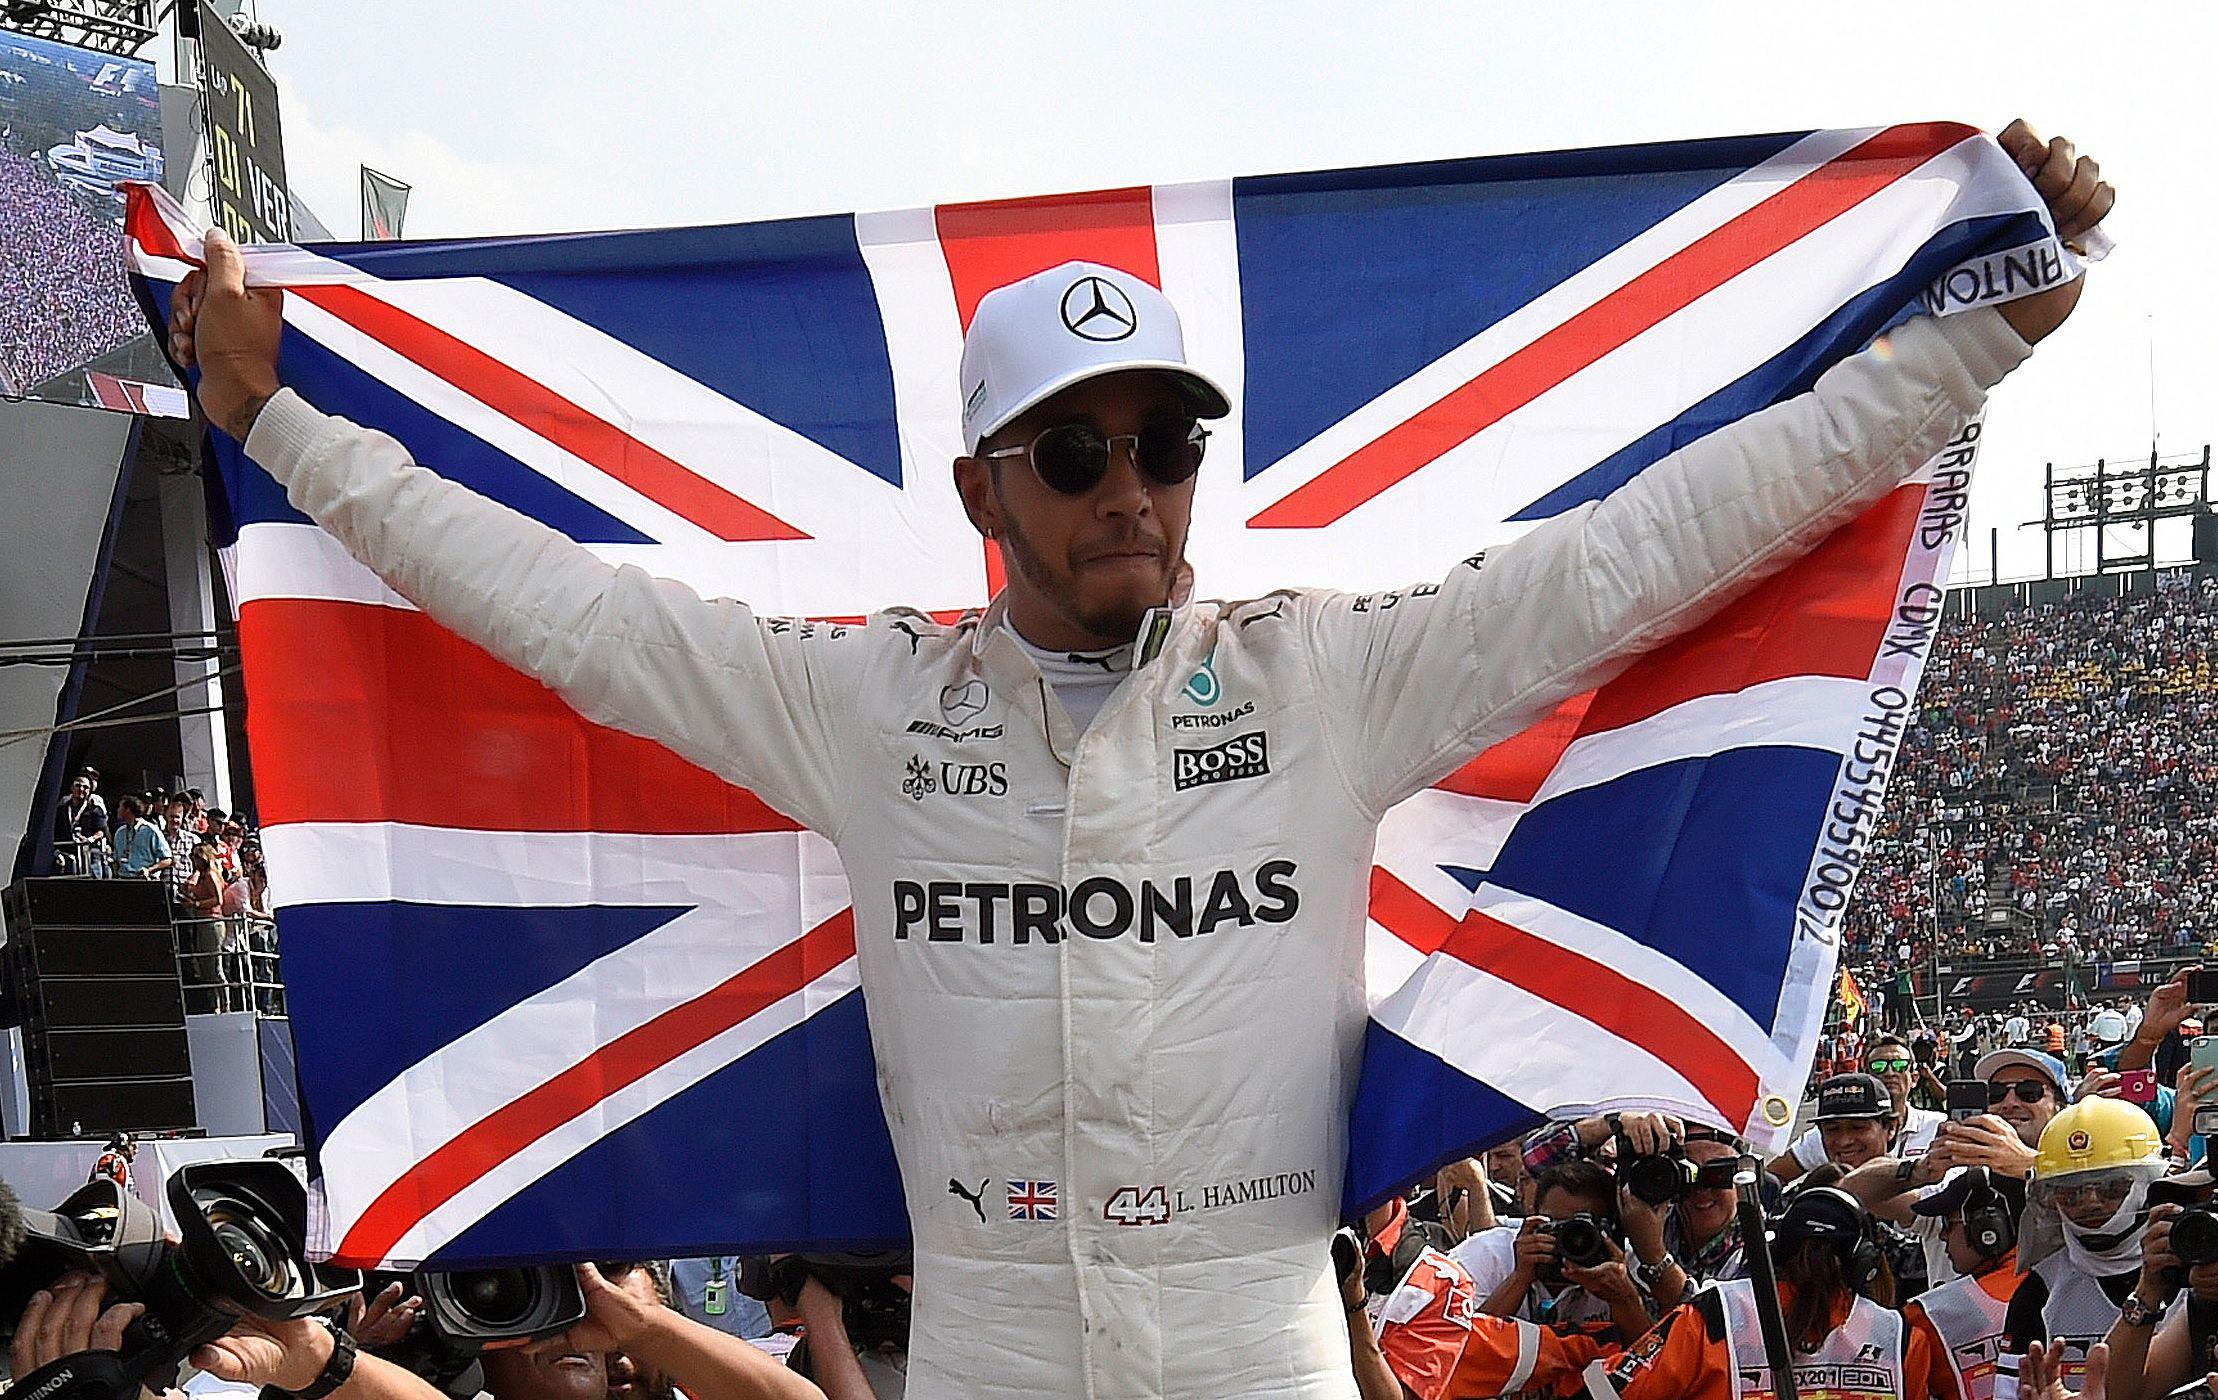 Lewis Hamilton has won his fourth world title